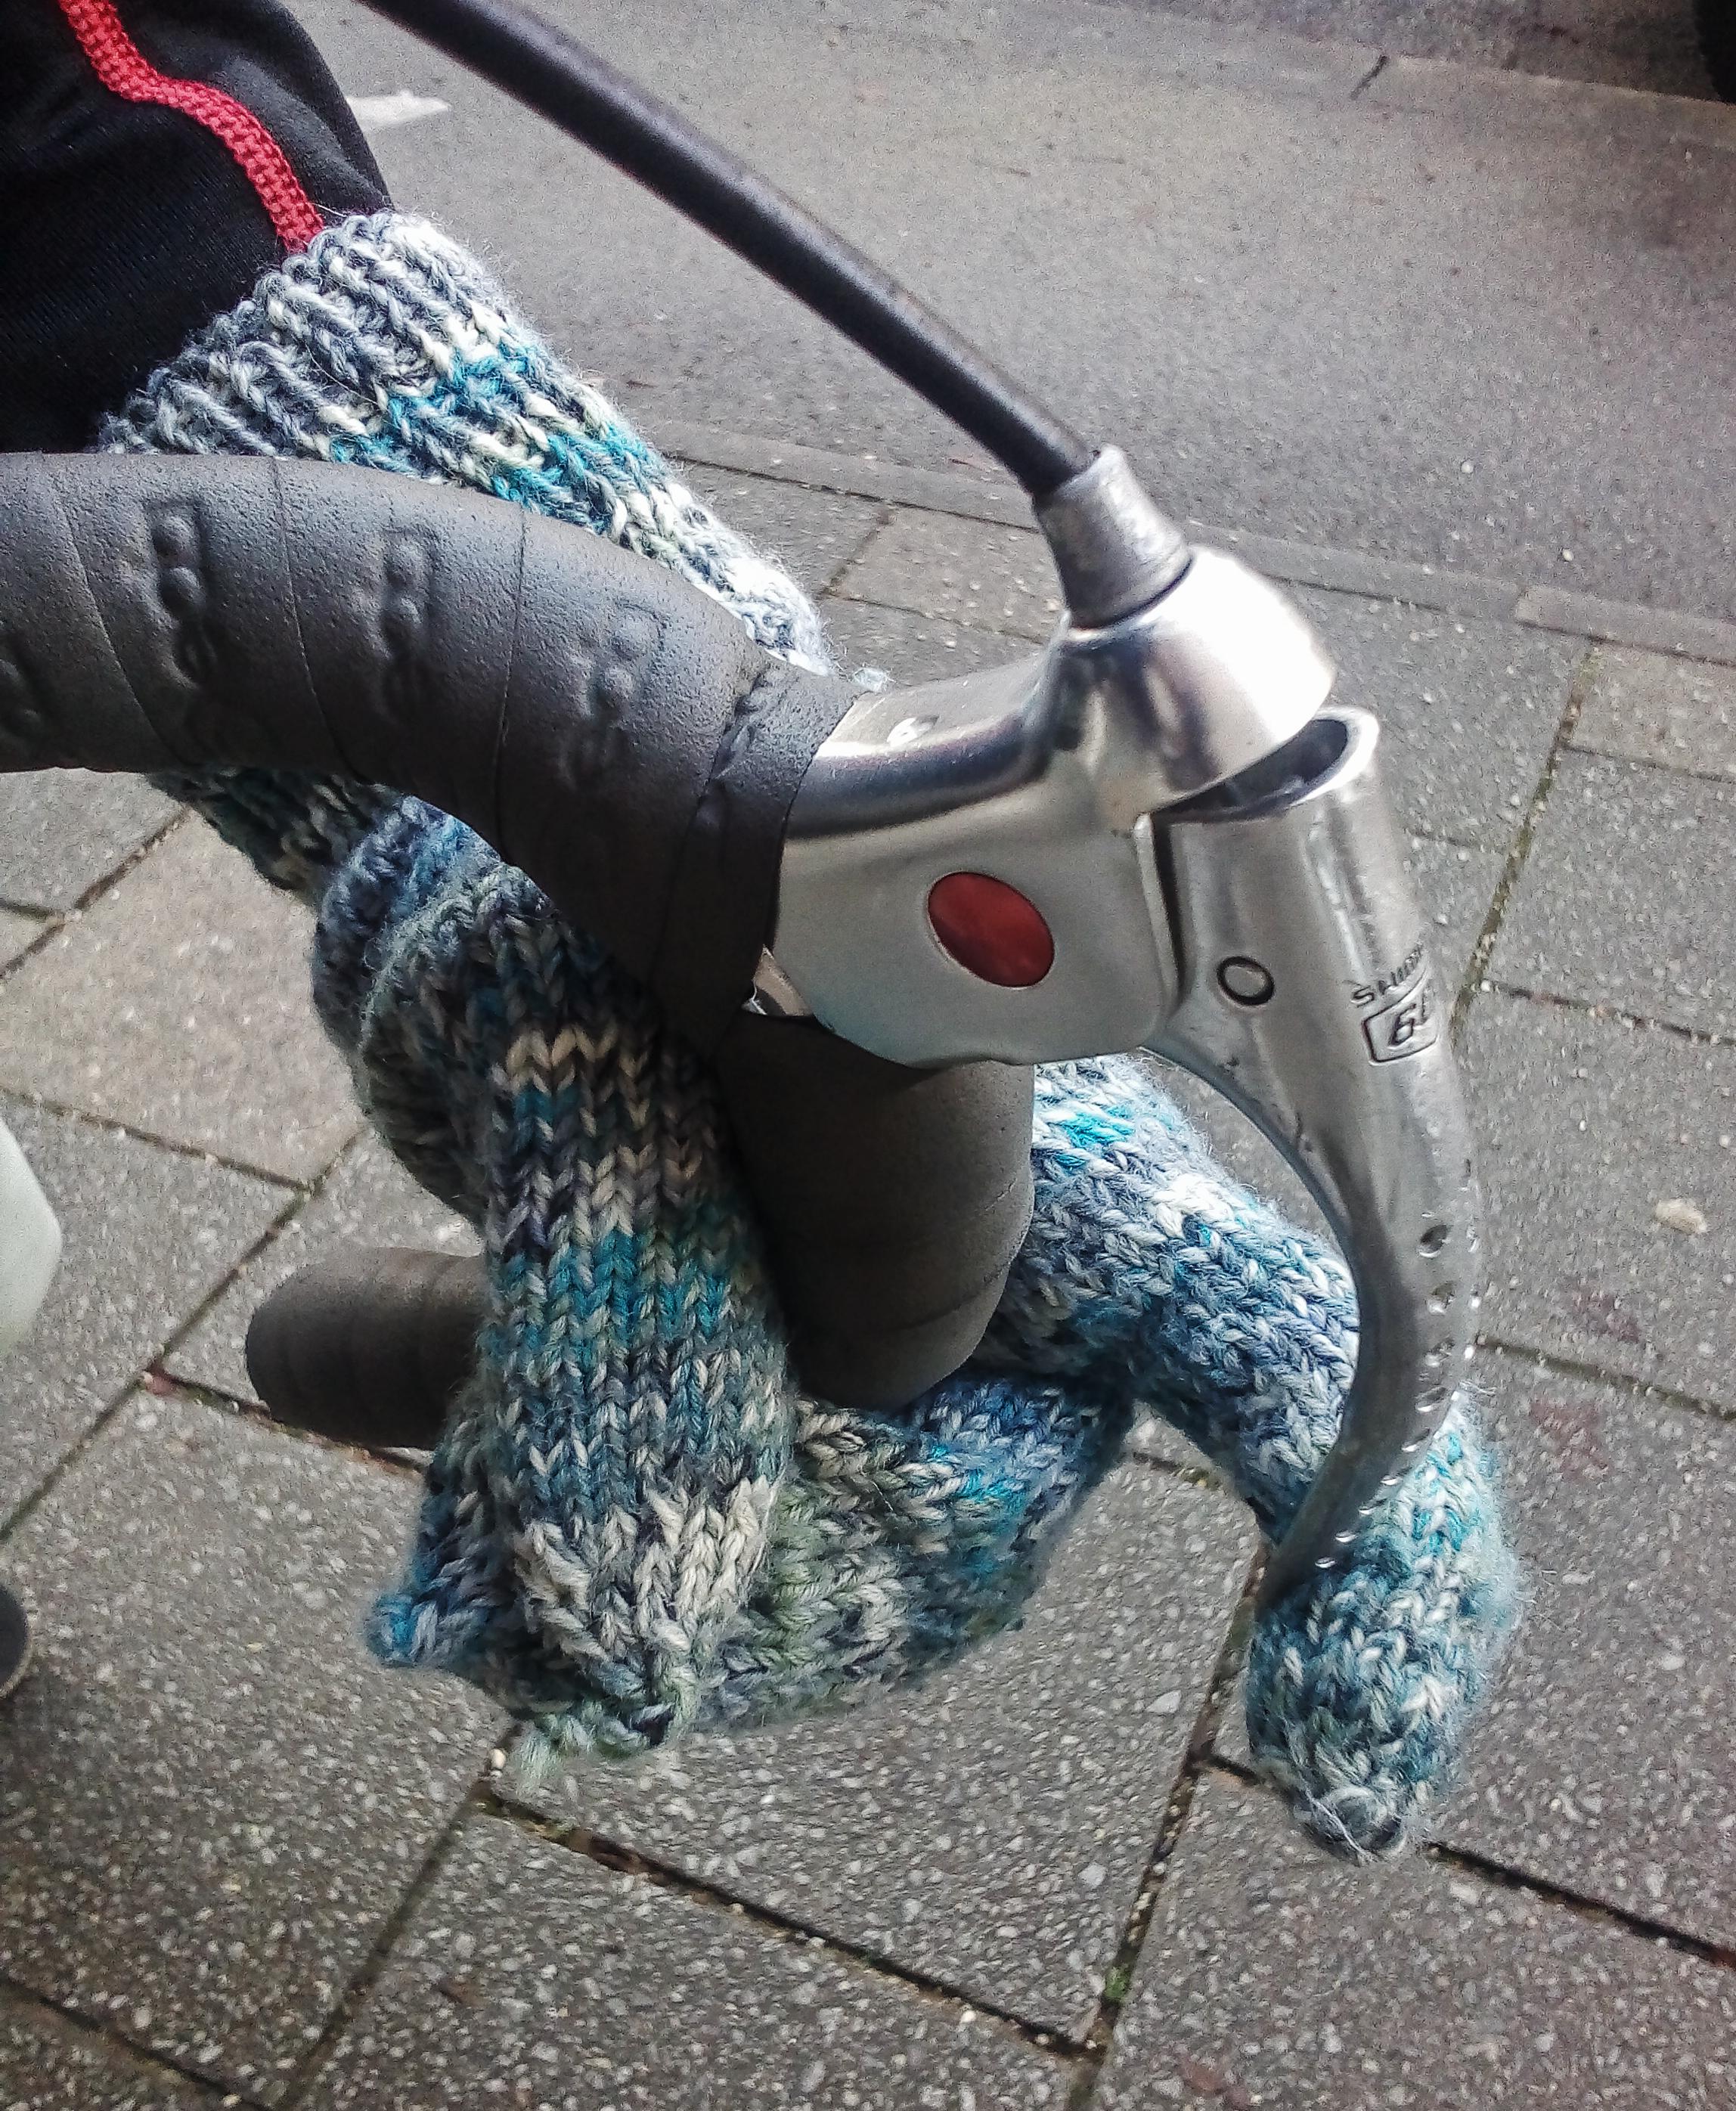 PERNAT 5.3 in der luftigeren Sockenwollvariante, genutzt zum Pendeln in der Stadt